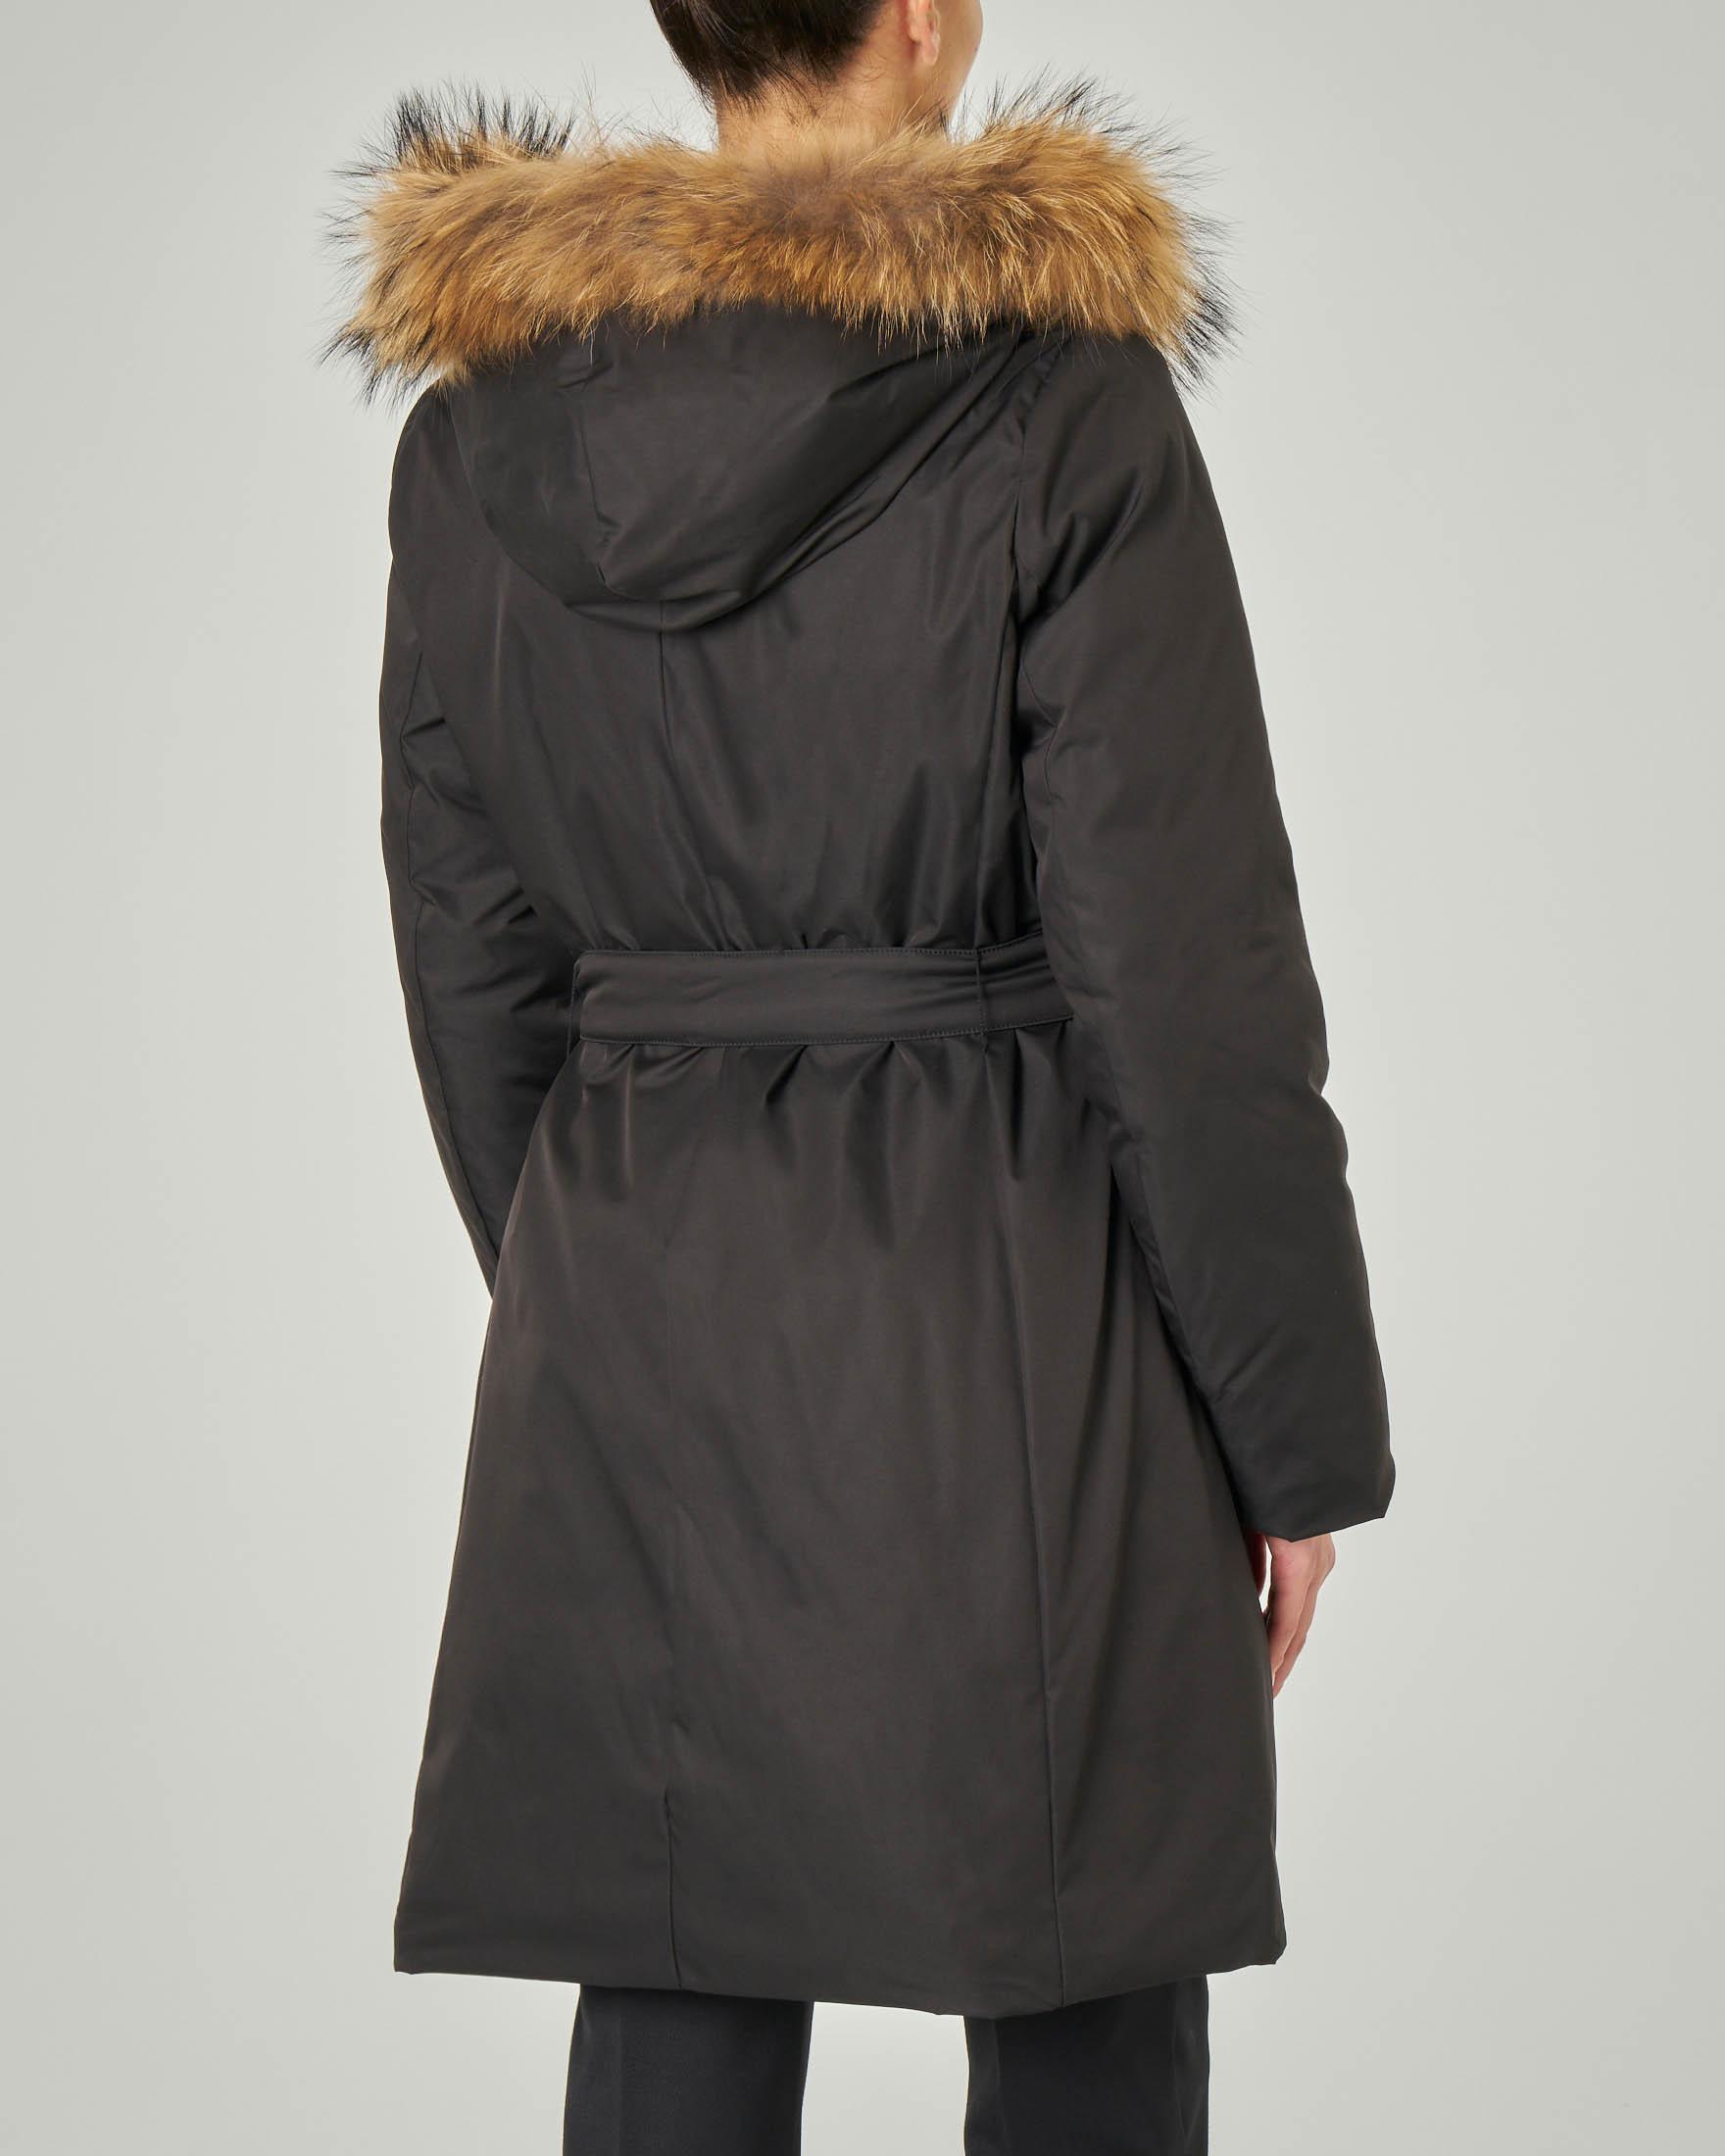 Piumino media lunghezza reversibile nel colore nero e beige con cappuccio con profilo in pelliccia | Pellizzari E commerce